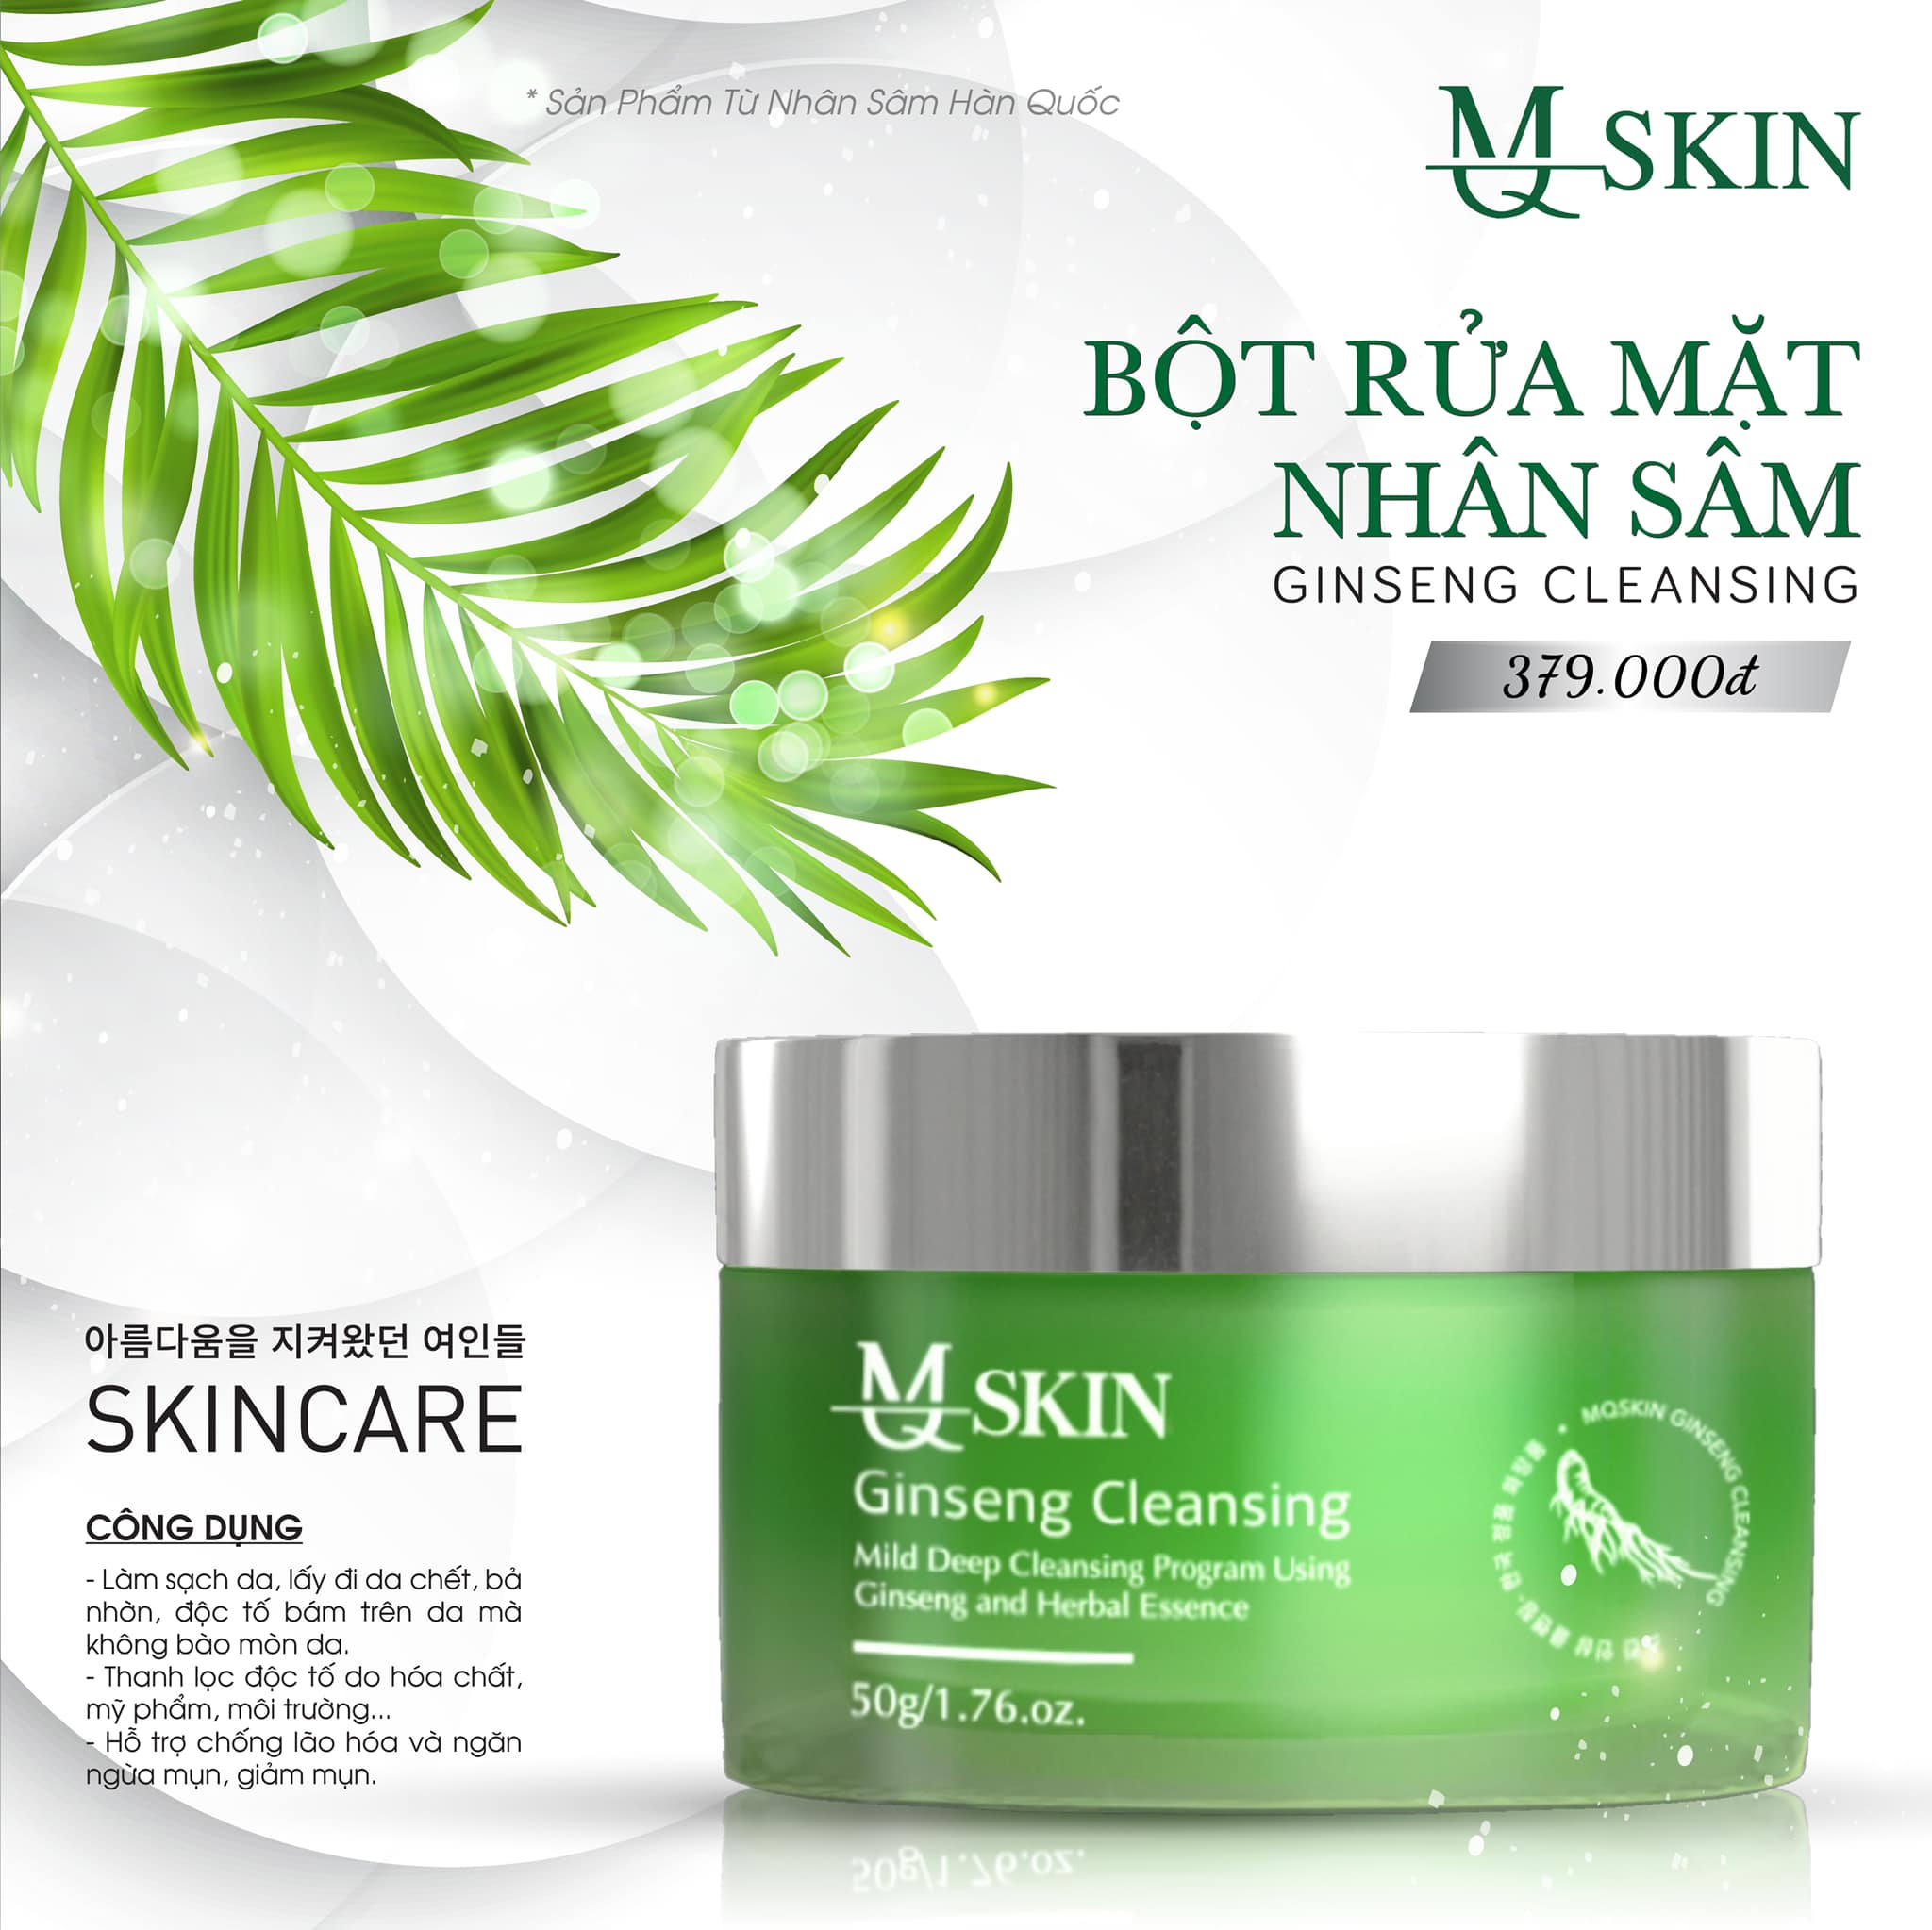 Bí quyết làm sạch da đúng chuẩn chỉ có thể là bột rửa mặt MQ Skin